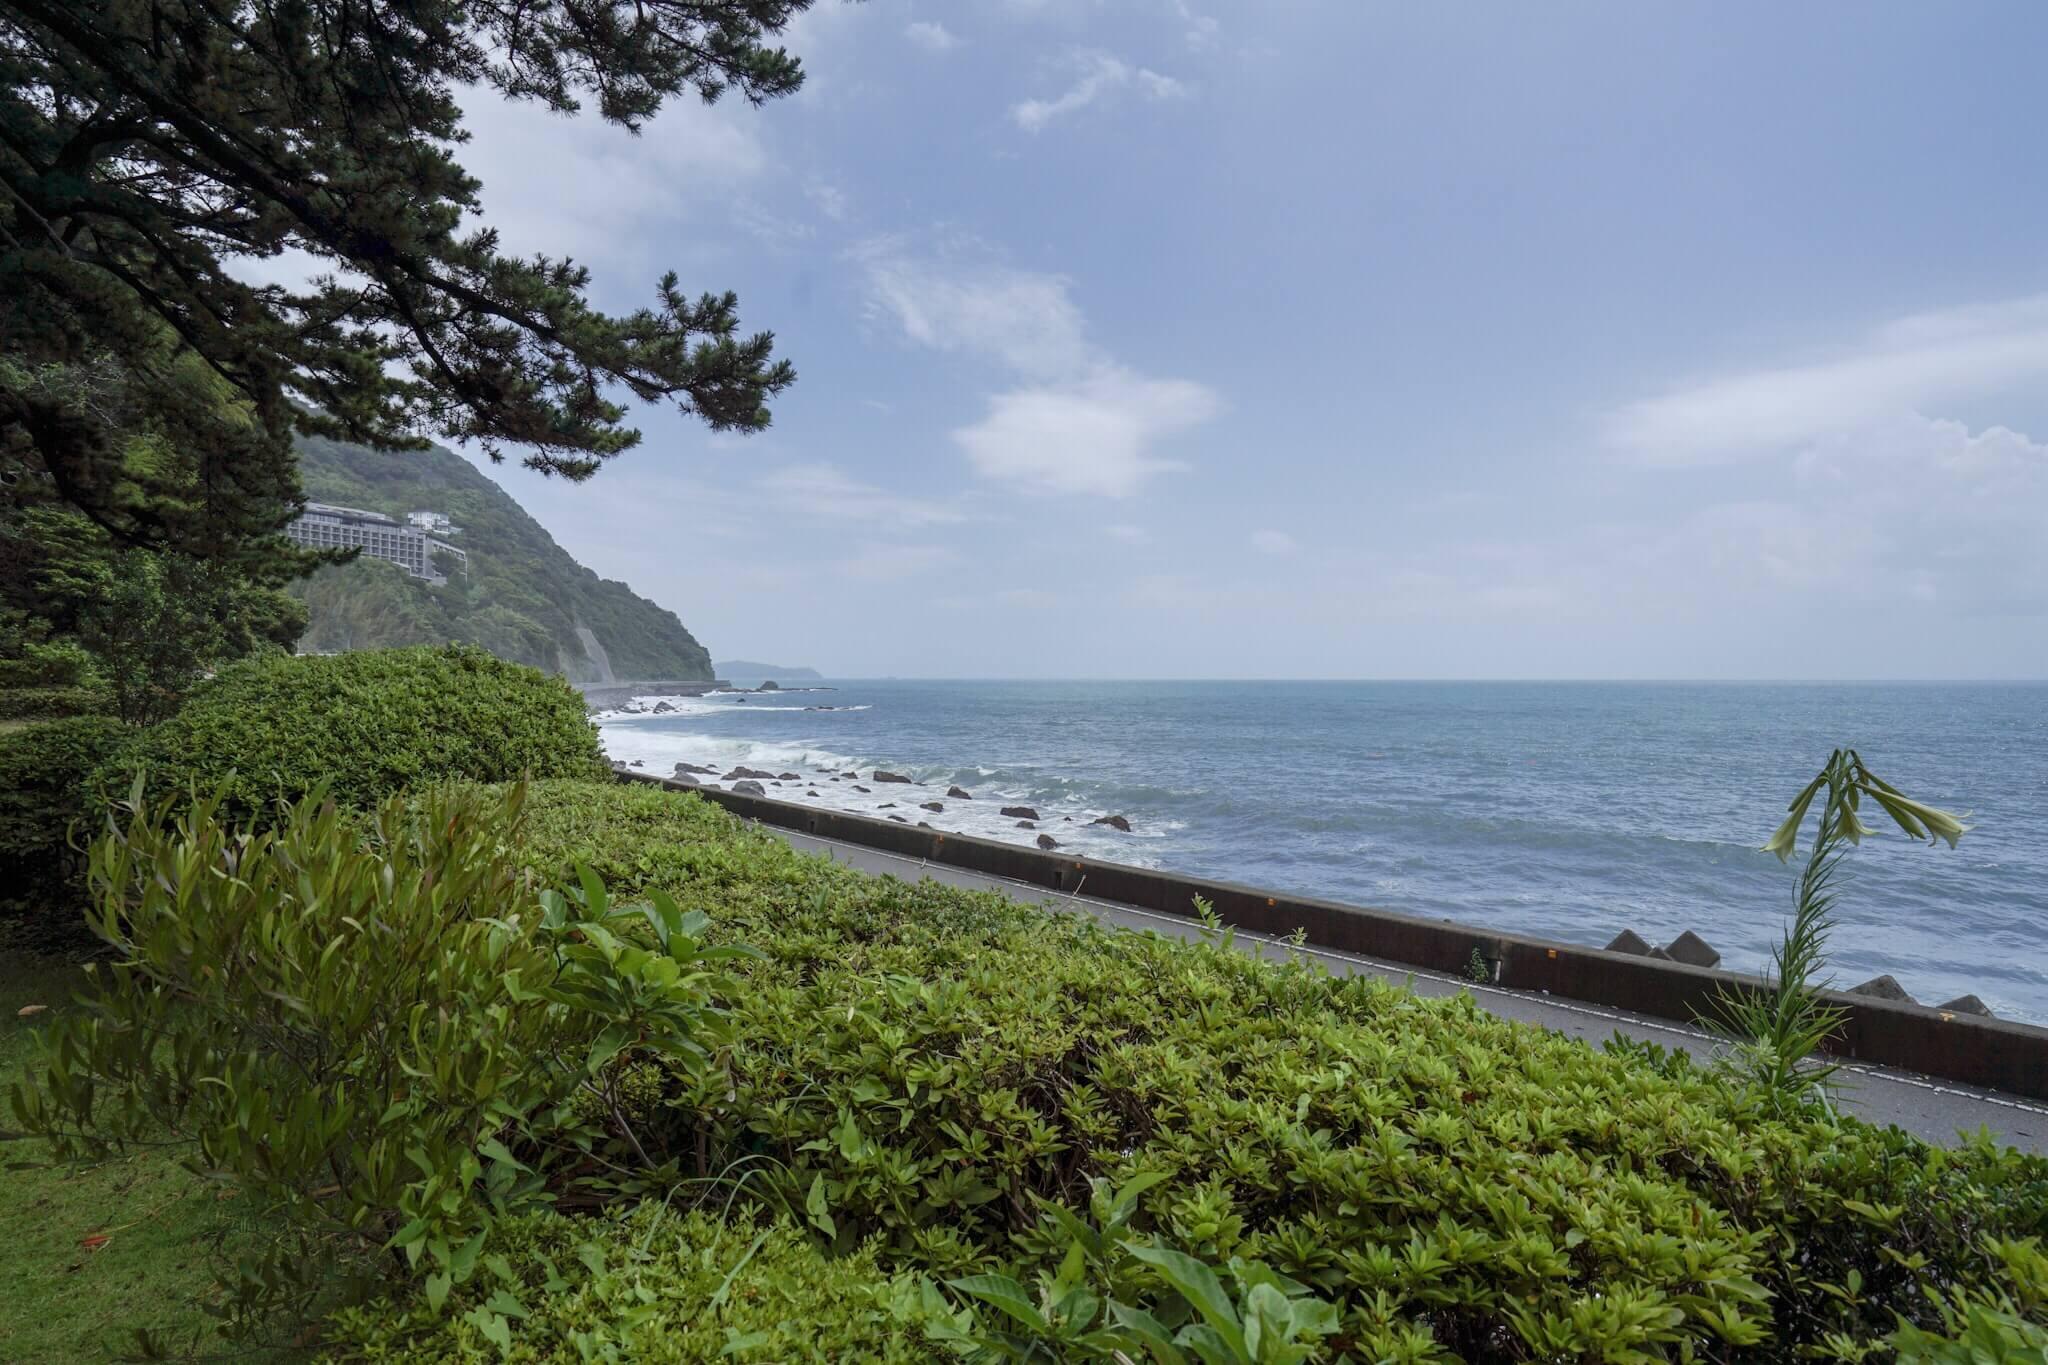 a7IIとSEL1635zで撮影したヴィラデルソル 前の海岸線の写真です。